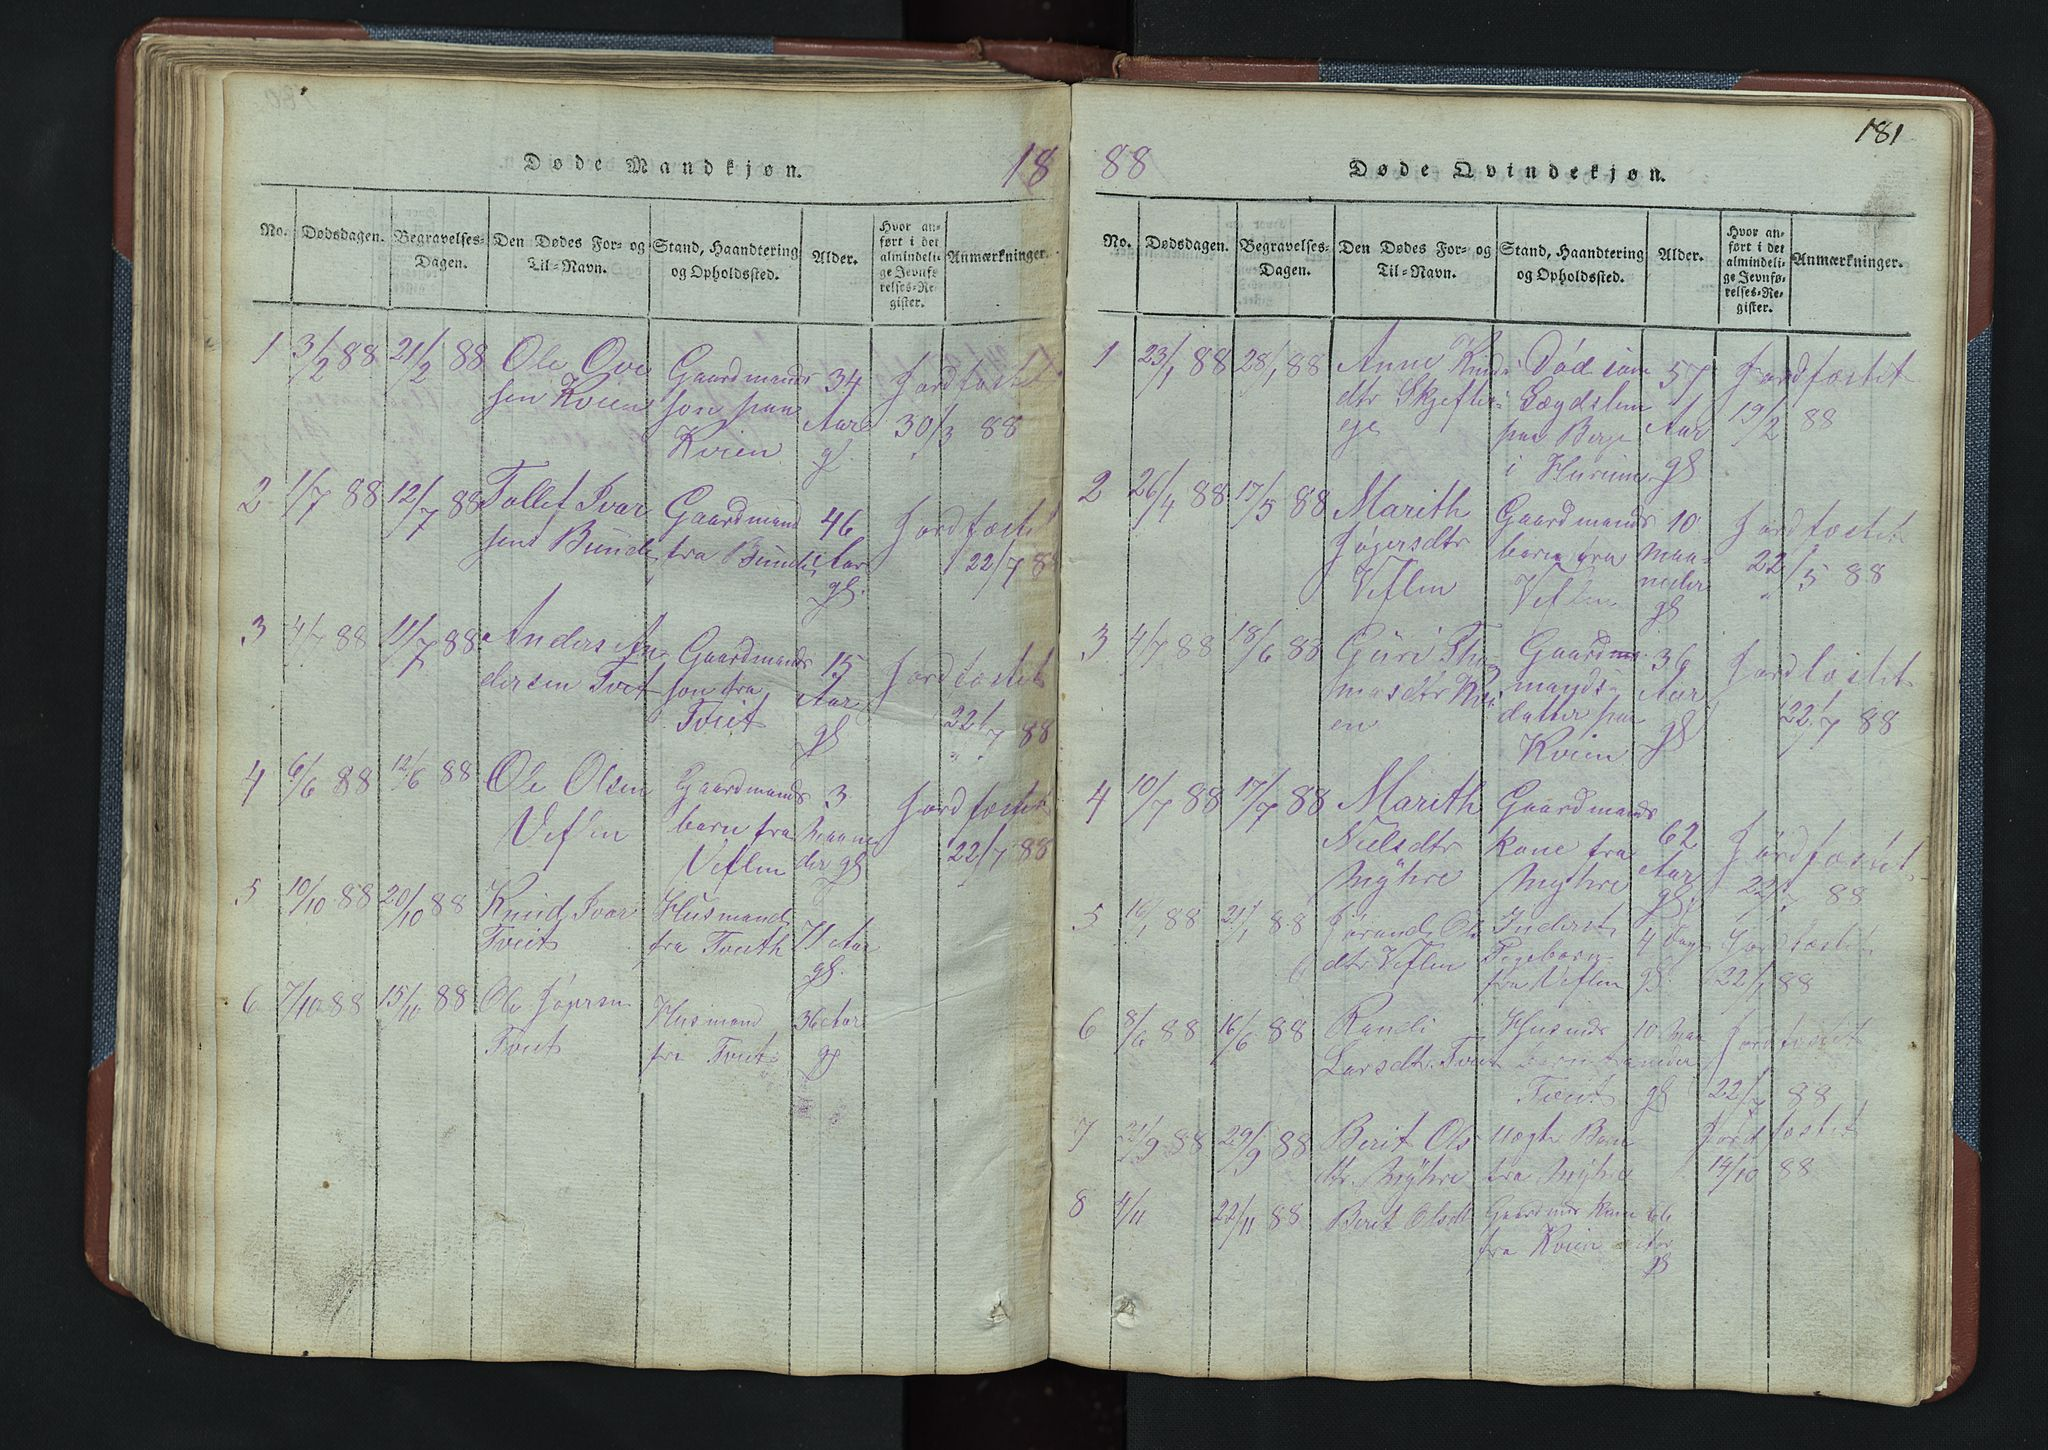 SAH, Vang prestekontor, Valdres, Klokkerbok nr. 3, 1814-1892, s. 181